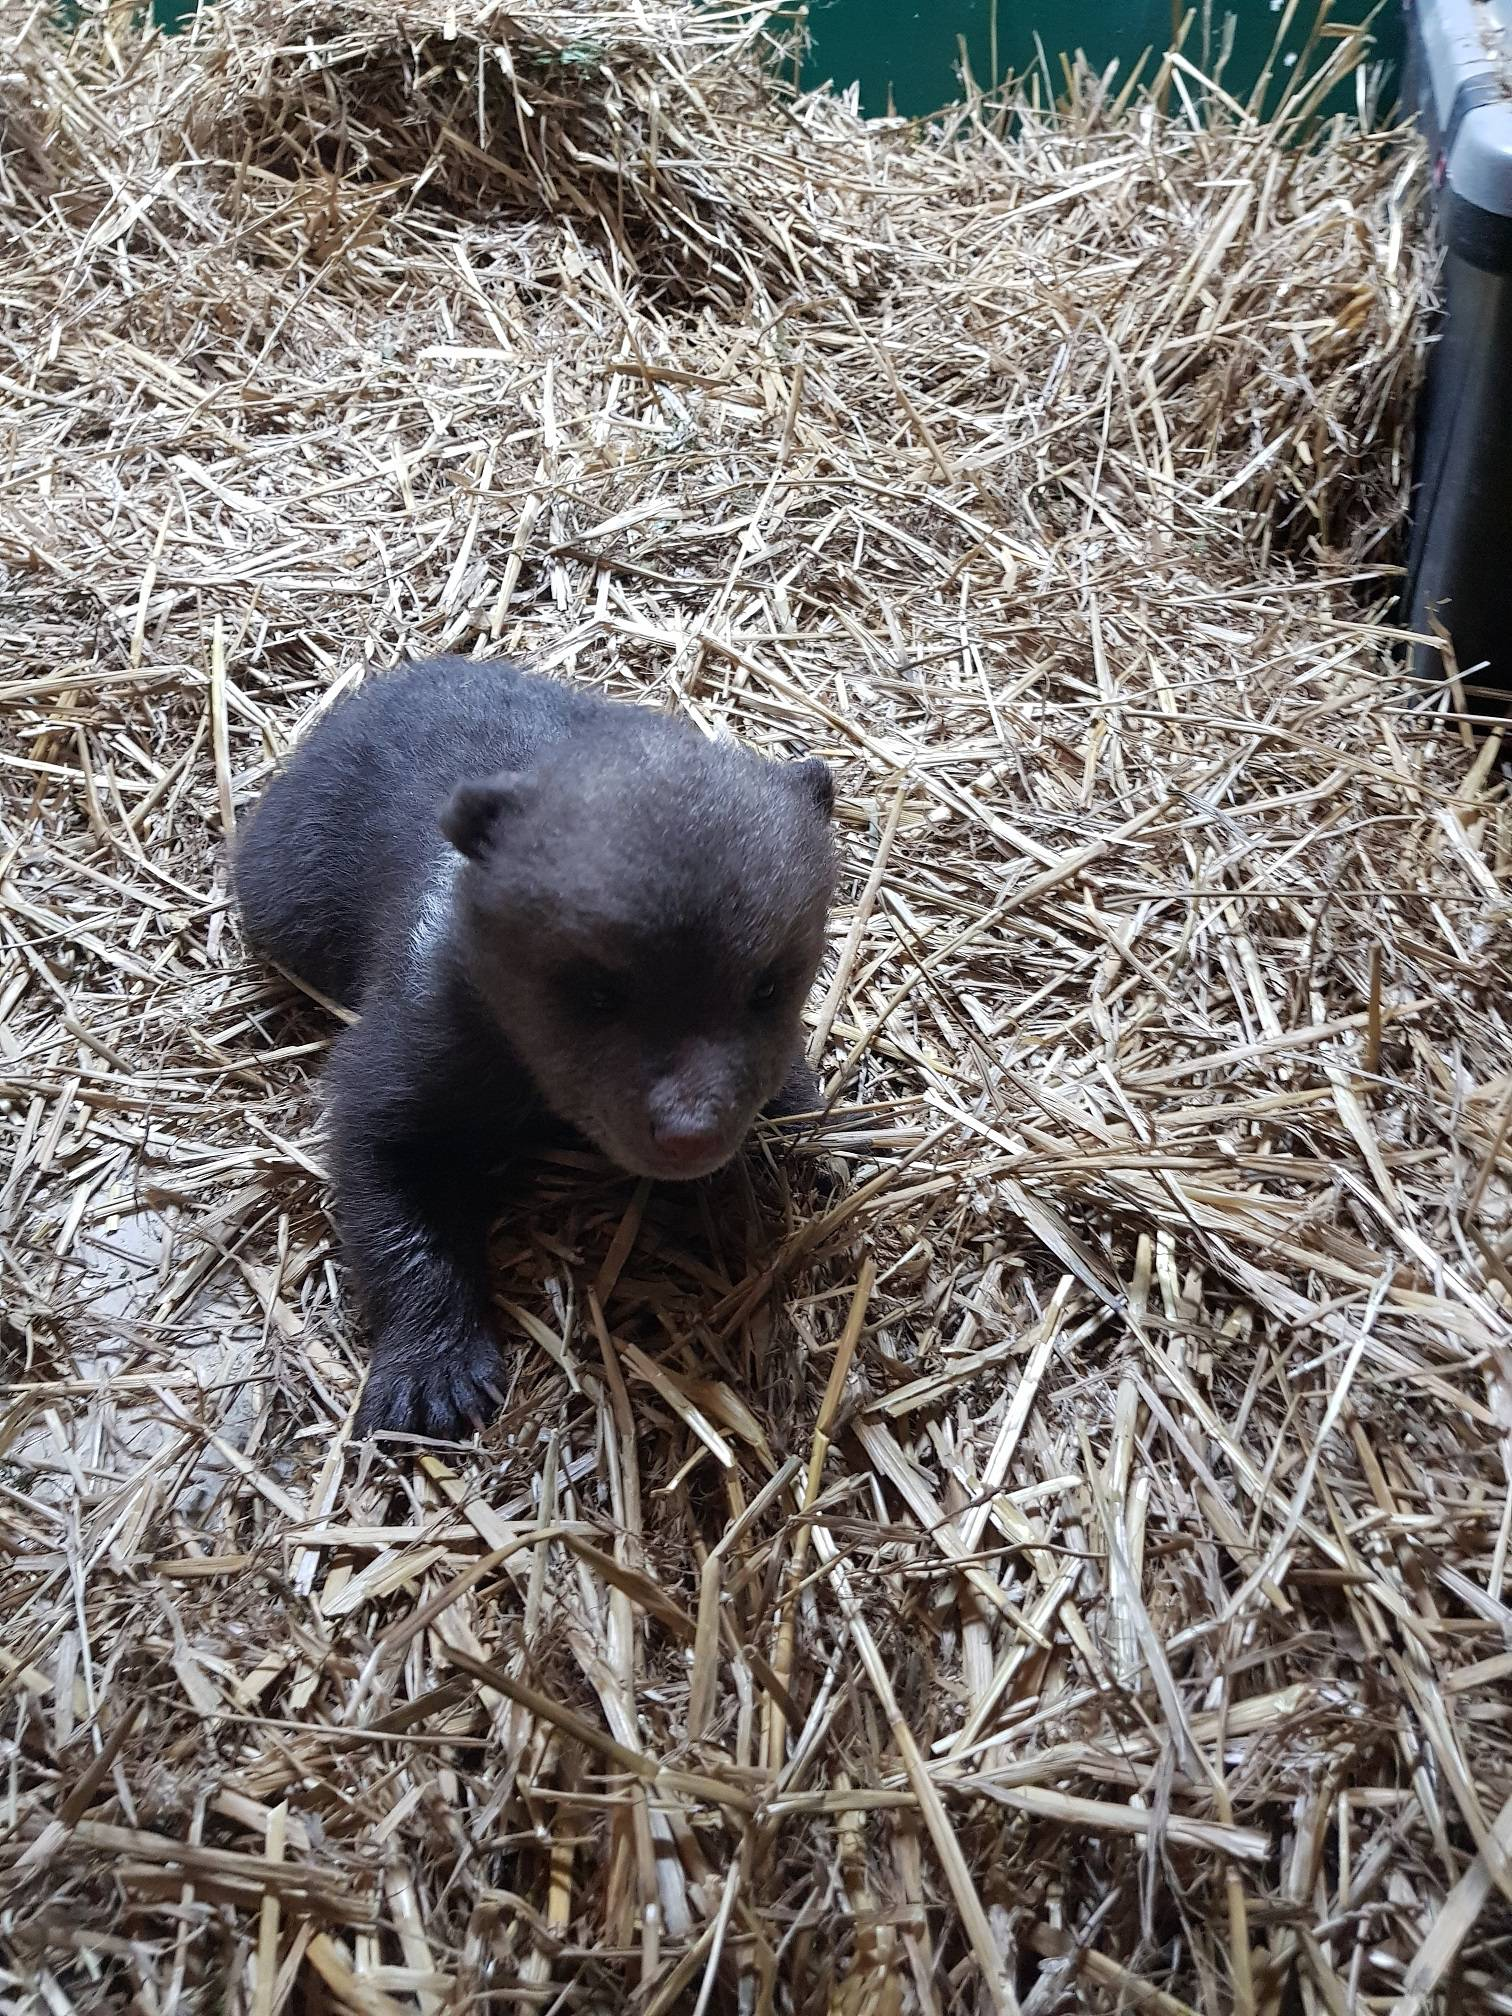 Više se kreće: Medvjedić Matija dobio veći prostor u ZOO-u